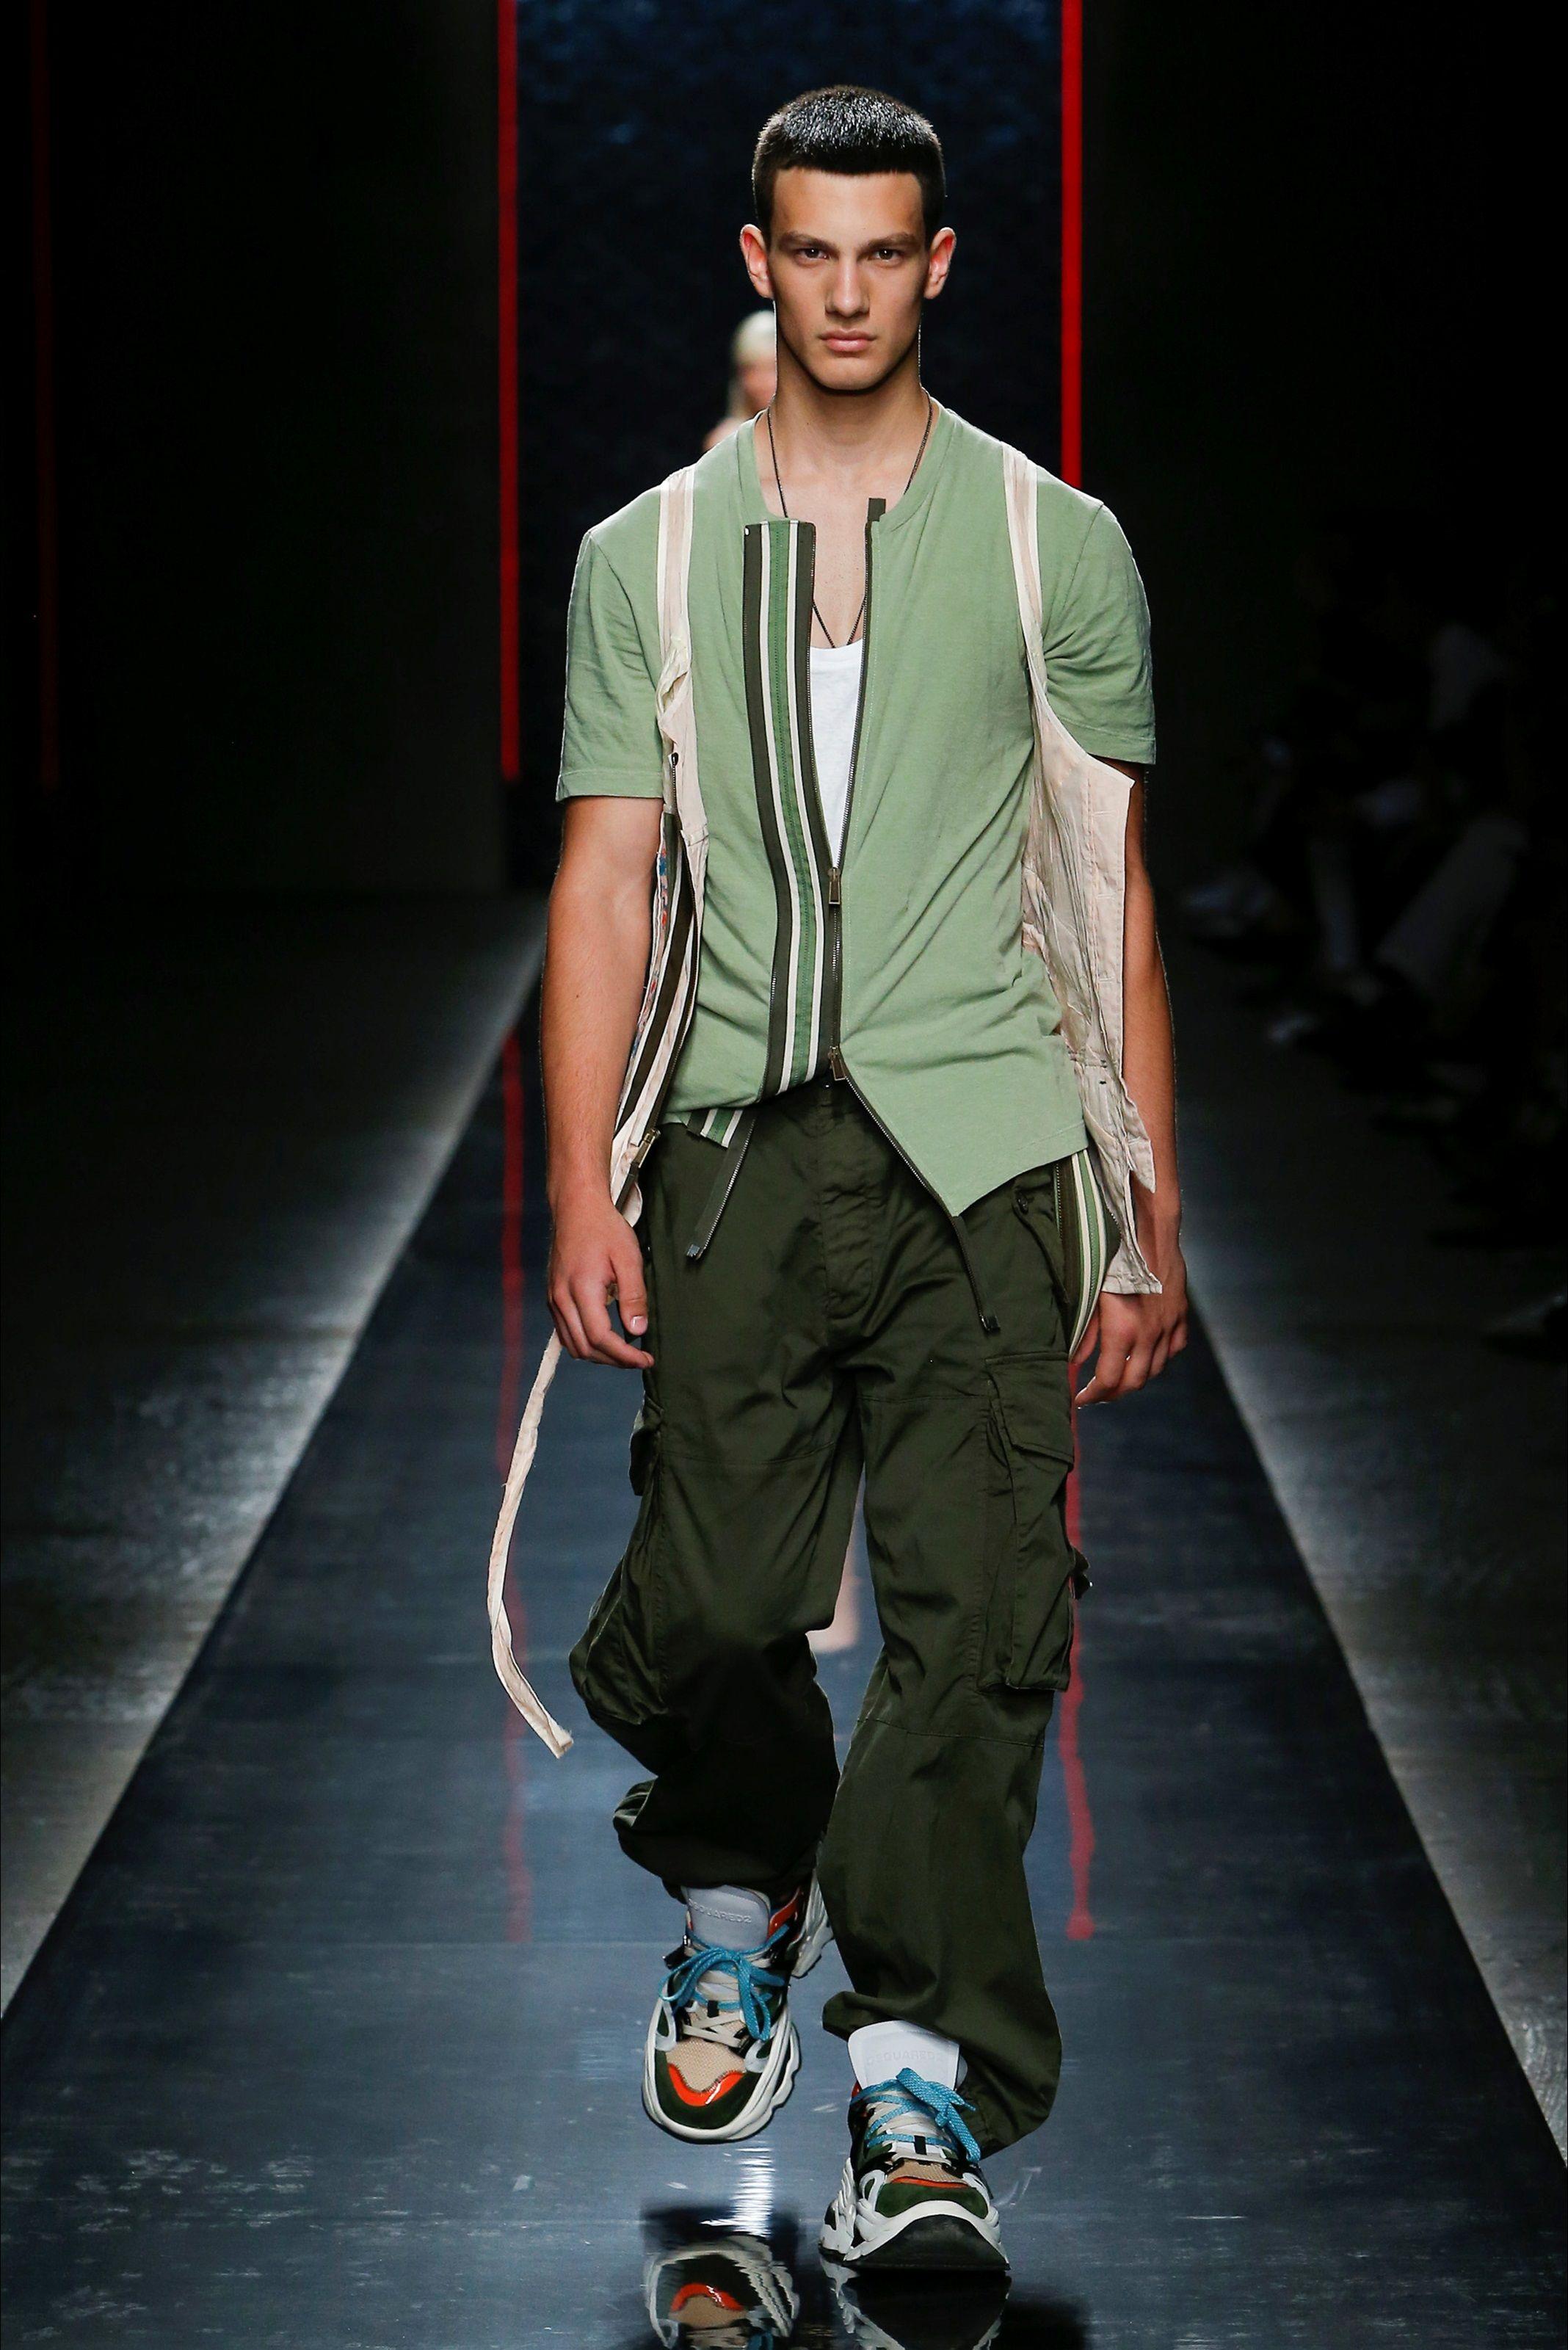 9605512c1bdf Sfilata Moda Uomo DSquared2 Milano - Primavera Estate 2019 - Vogue ...